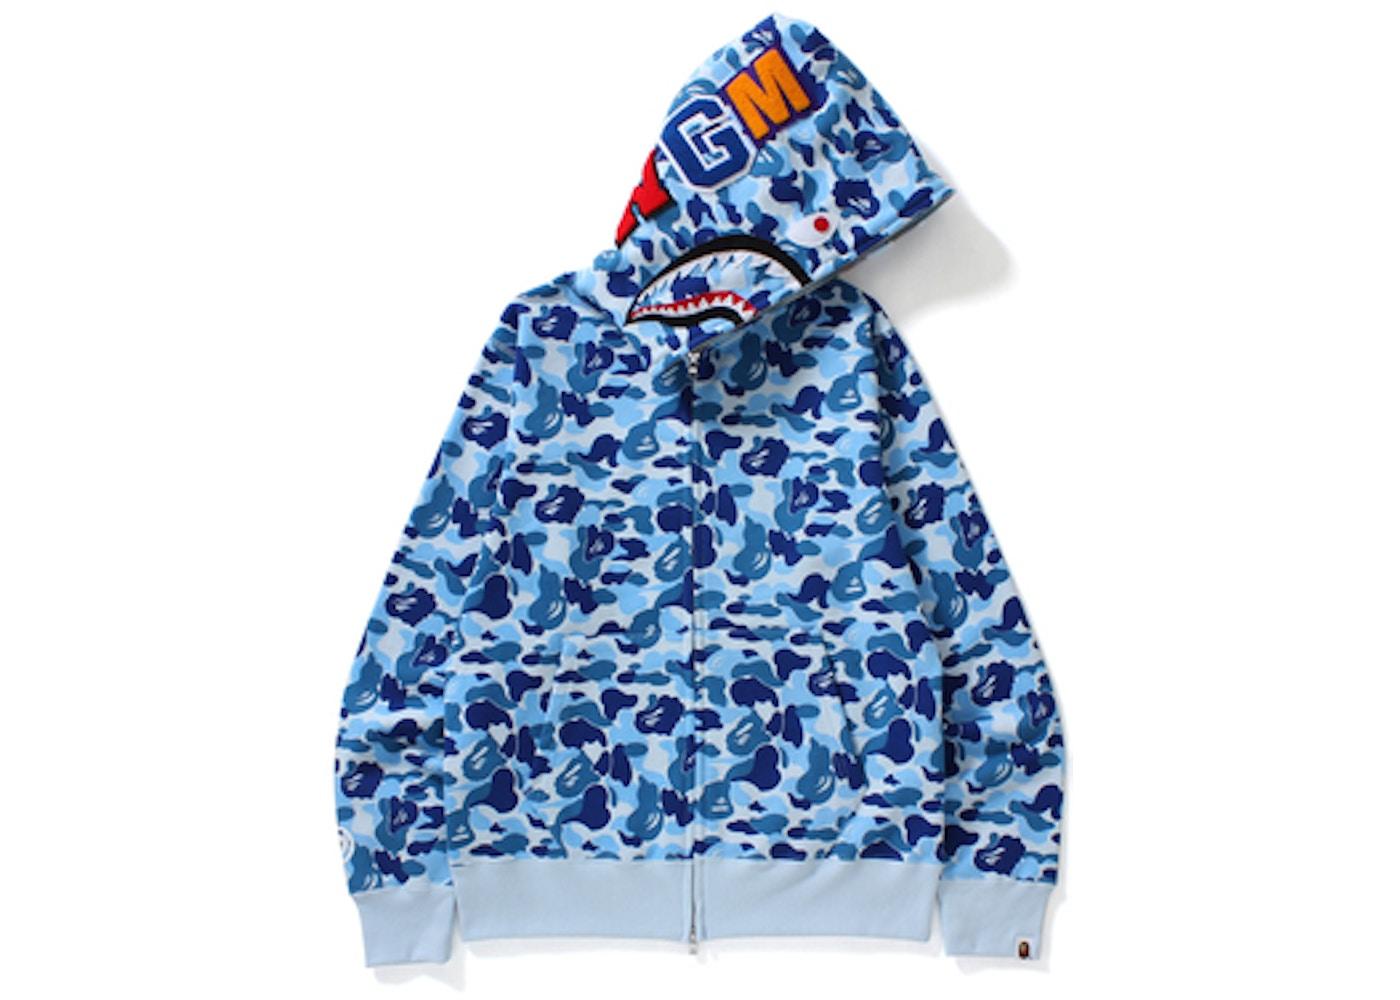 386c9b95 BAPE ABC Shark Full Zip Hoodie Blue. ABC Shark Full Zip